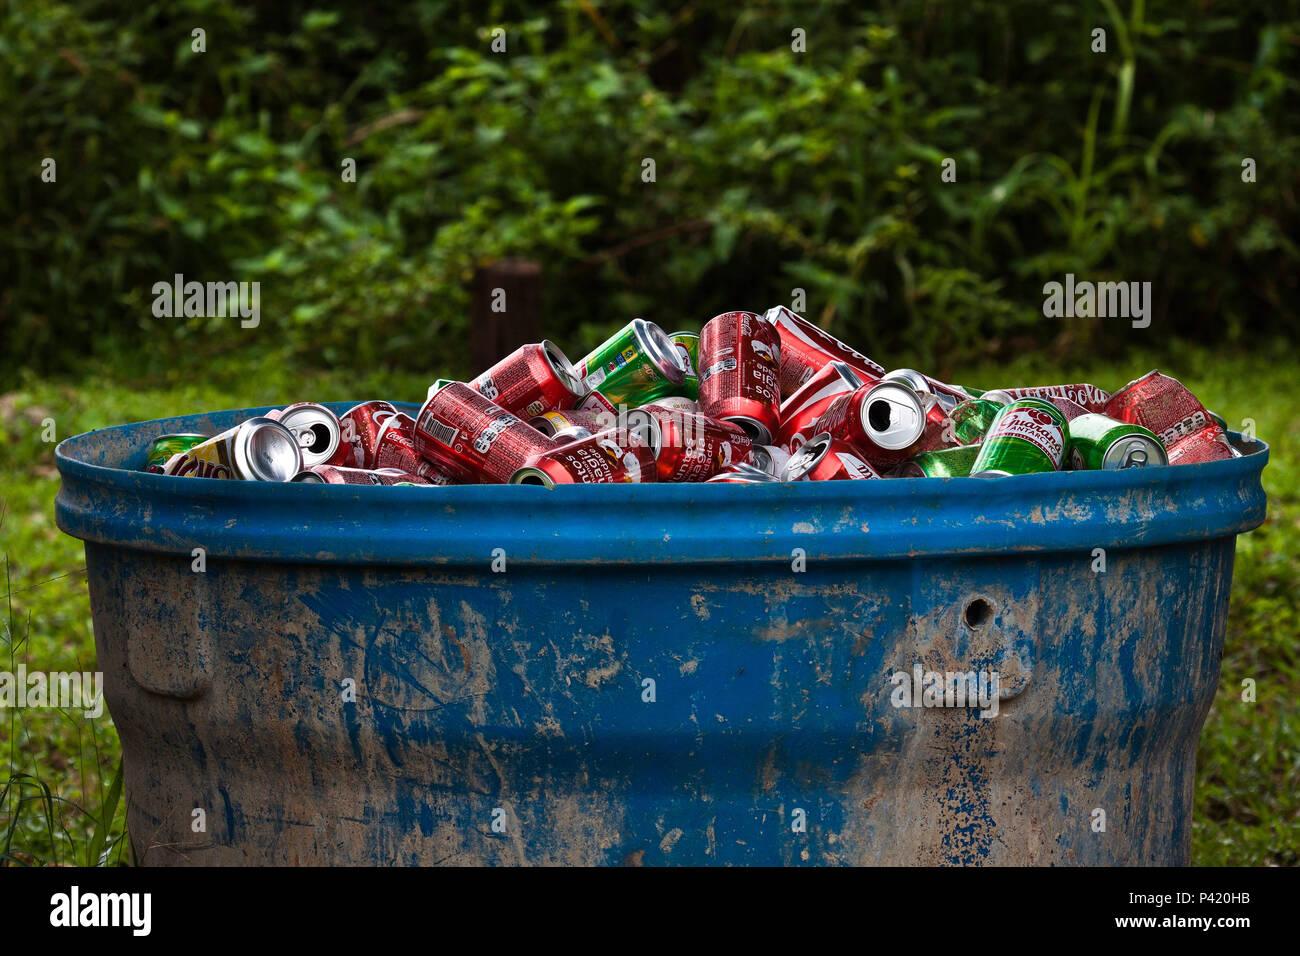 Aquidauana-MS Daten 14/03/2011 Coleta seletiva de Latas Latas de refrigerantes ecerveja separação de Material reciclável reciclável lixo Stockfoto